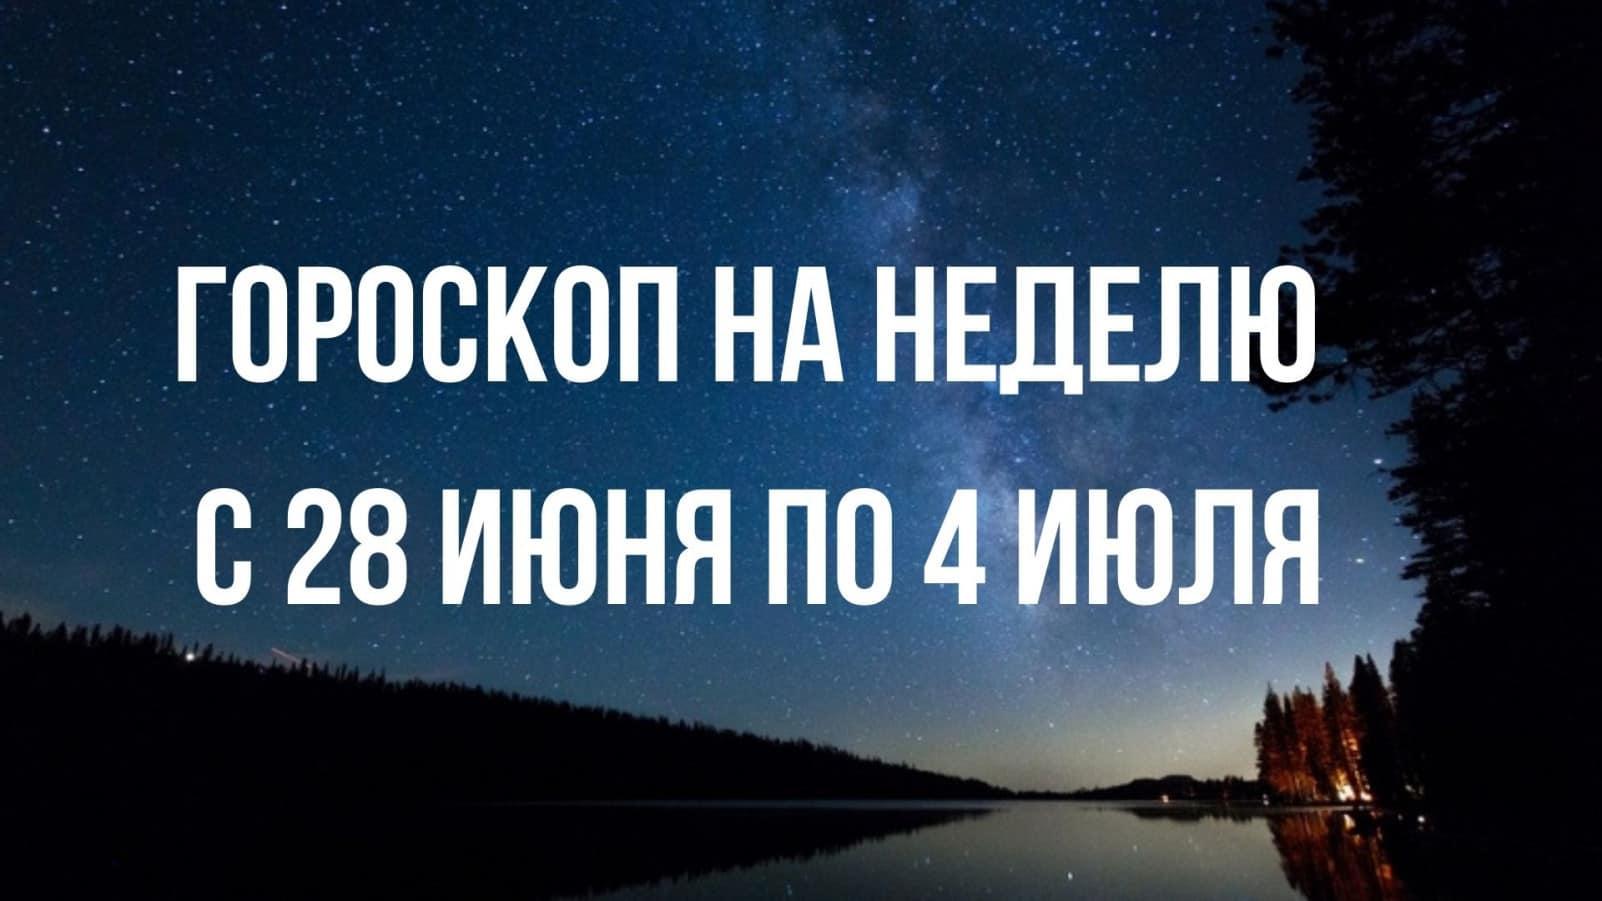 Гороскоп с 28 июня по 4 июля для тех, кто привык сверятся с звездами